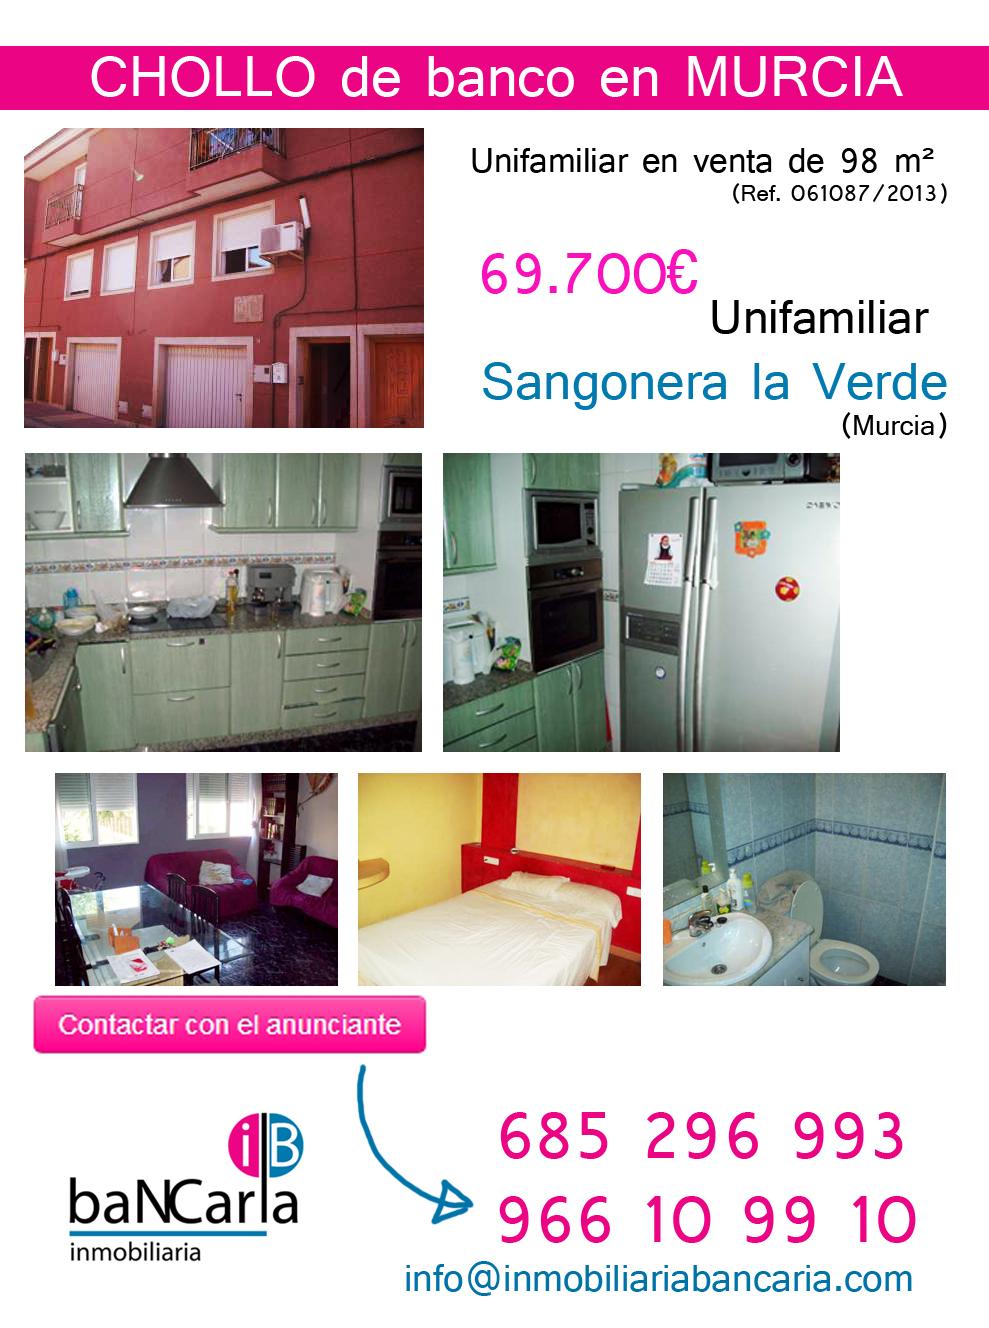 Unifamiliar en venta de banco en Sangonera (Murcia)